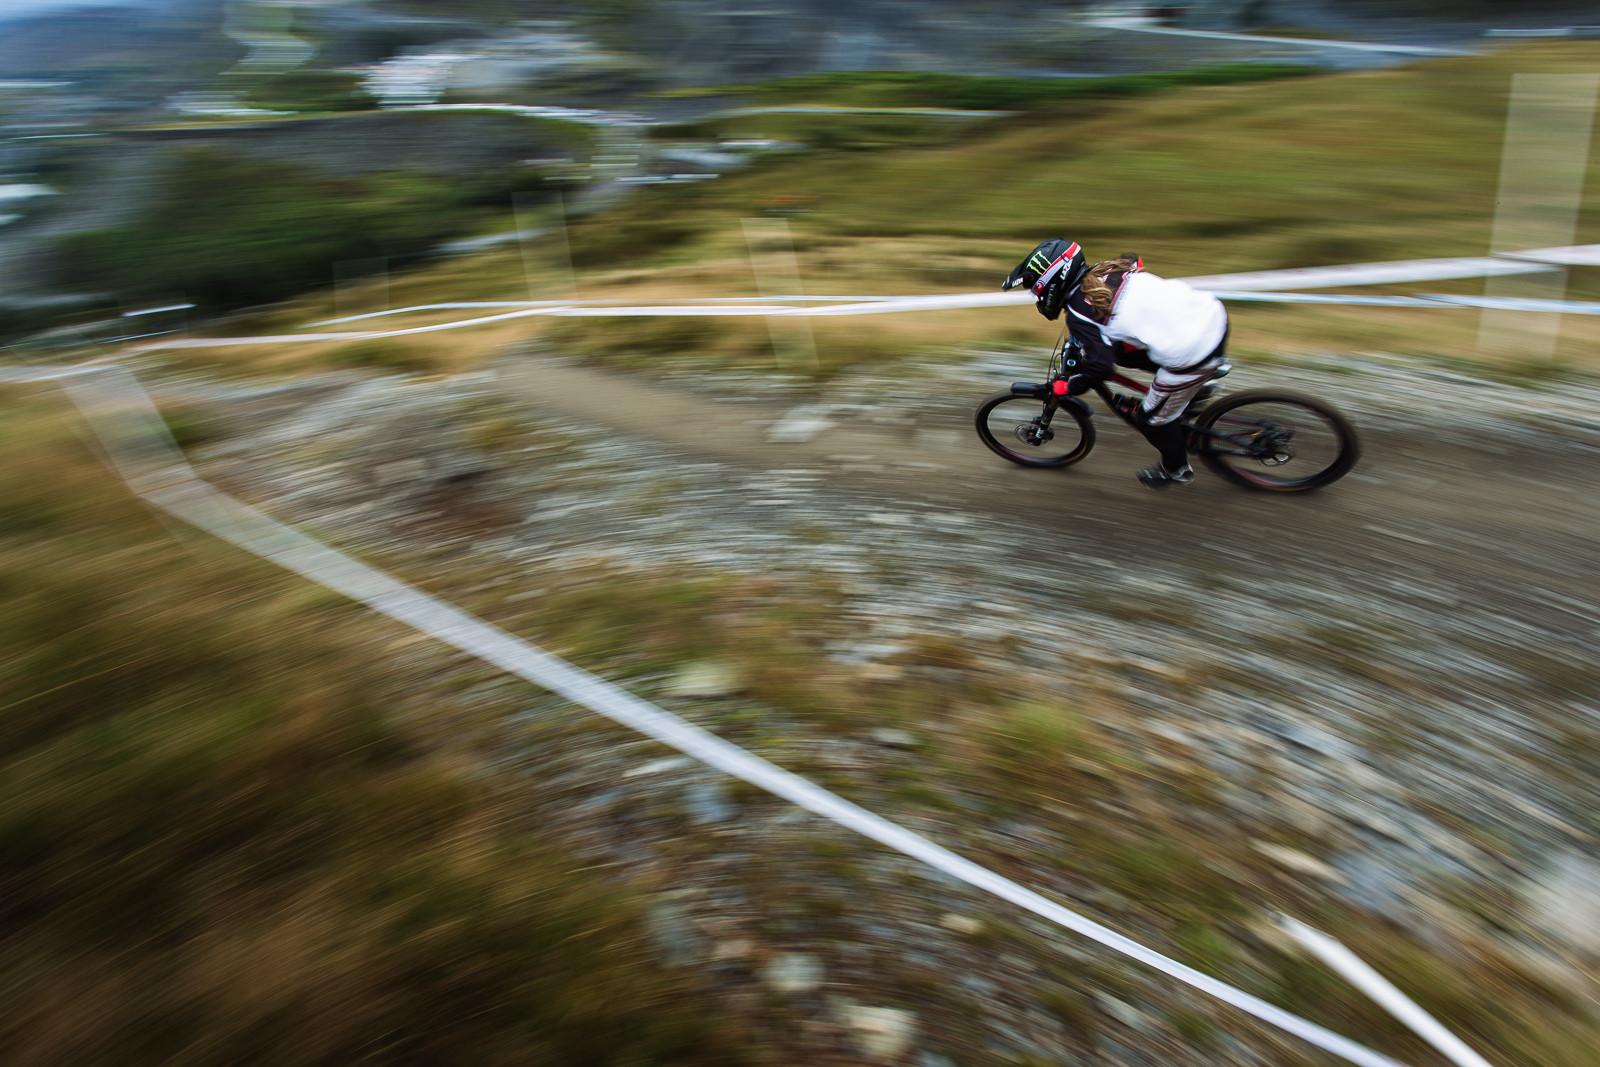 Manon Carpenter, Women's Winner, 2015 British Downhill Series Finals, Antur Stiniog - 2015 British Downhill Series Finals - Mountain Biking Pictures - Vital MTB